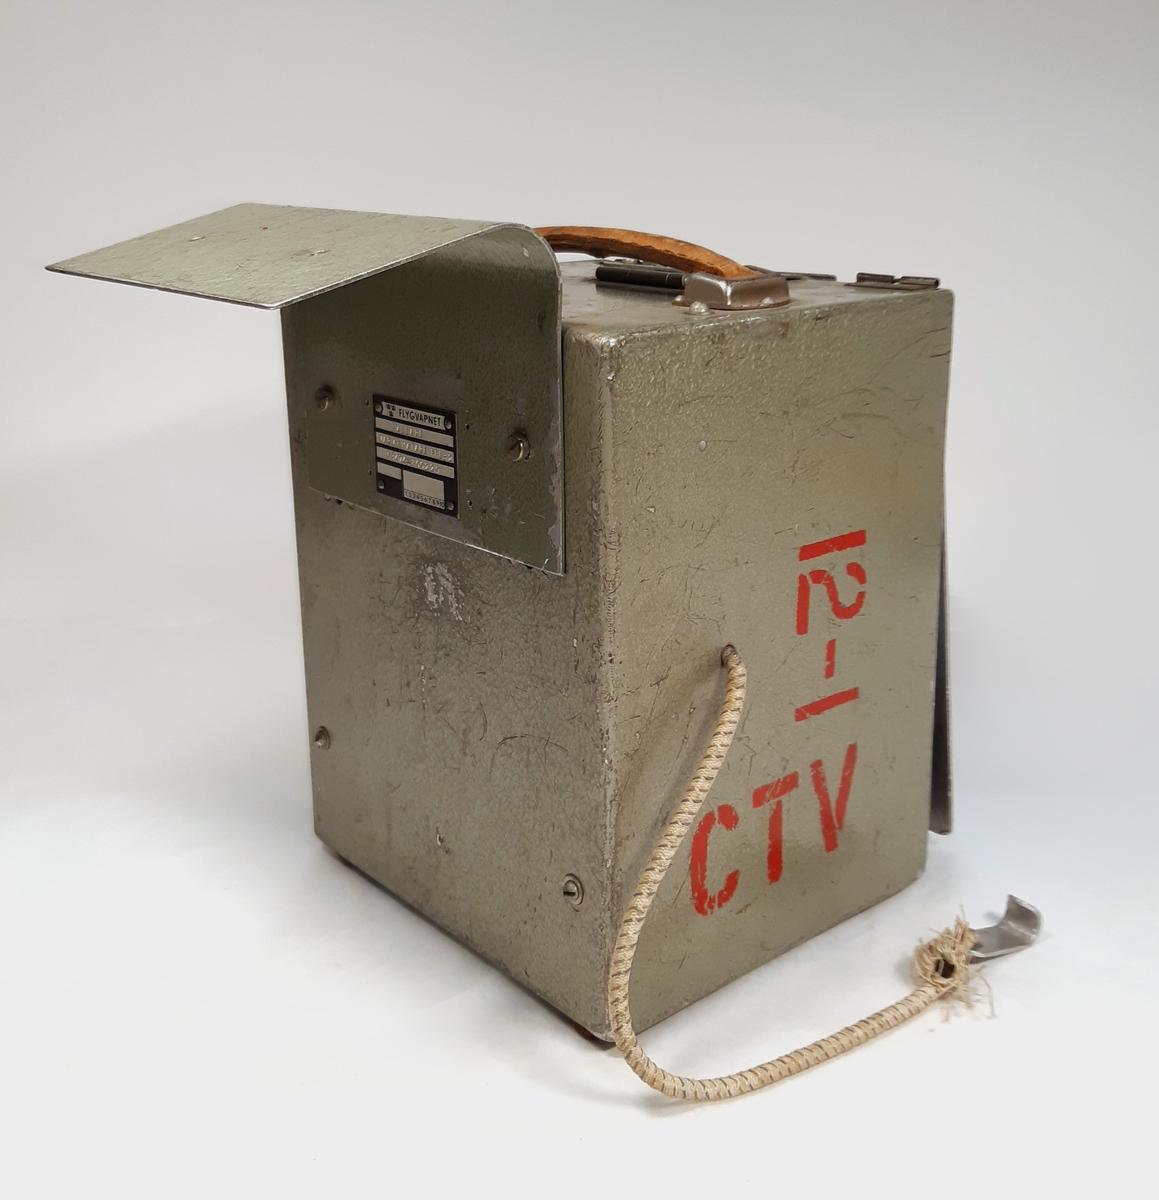 """Varvtalsmätare Fpl 32, monterad i en metallbox märkt """"12-1"""", """"CTV"""" med röda bokstäver. Medföljer en kalibreringstabell på insidan av locket, datum-märkt: """"27 MRS. 1968""""."""